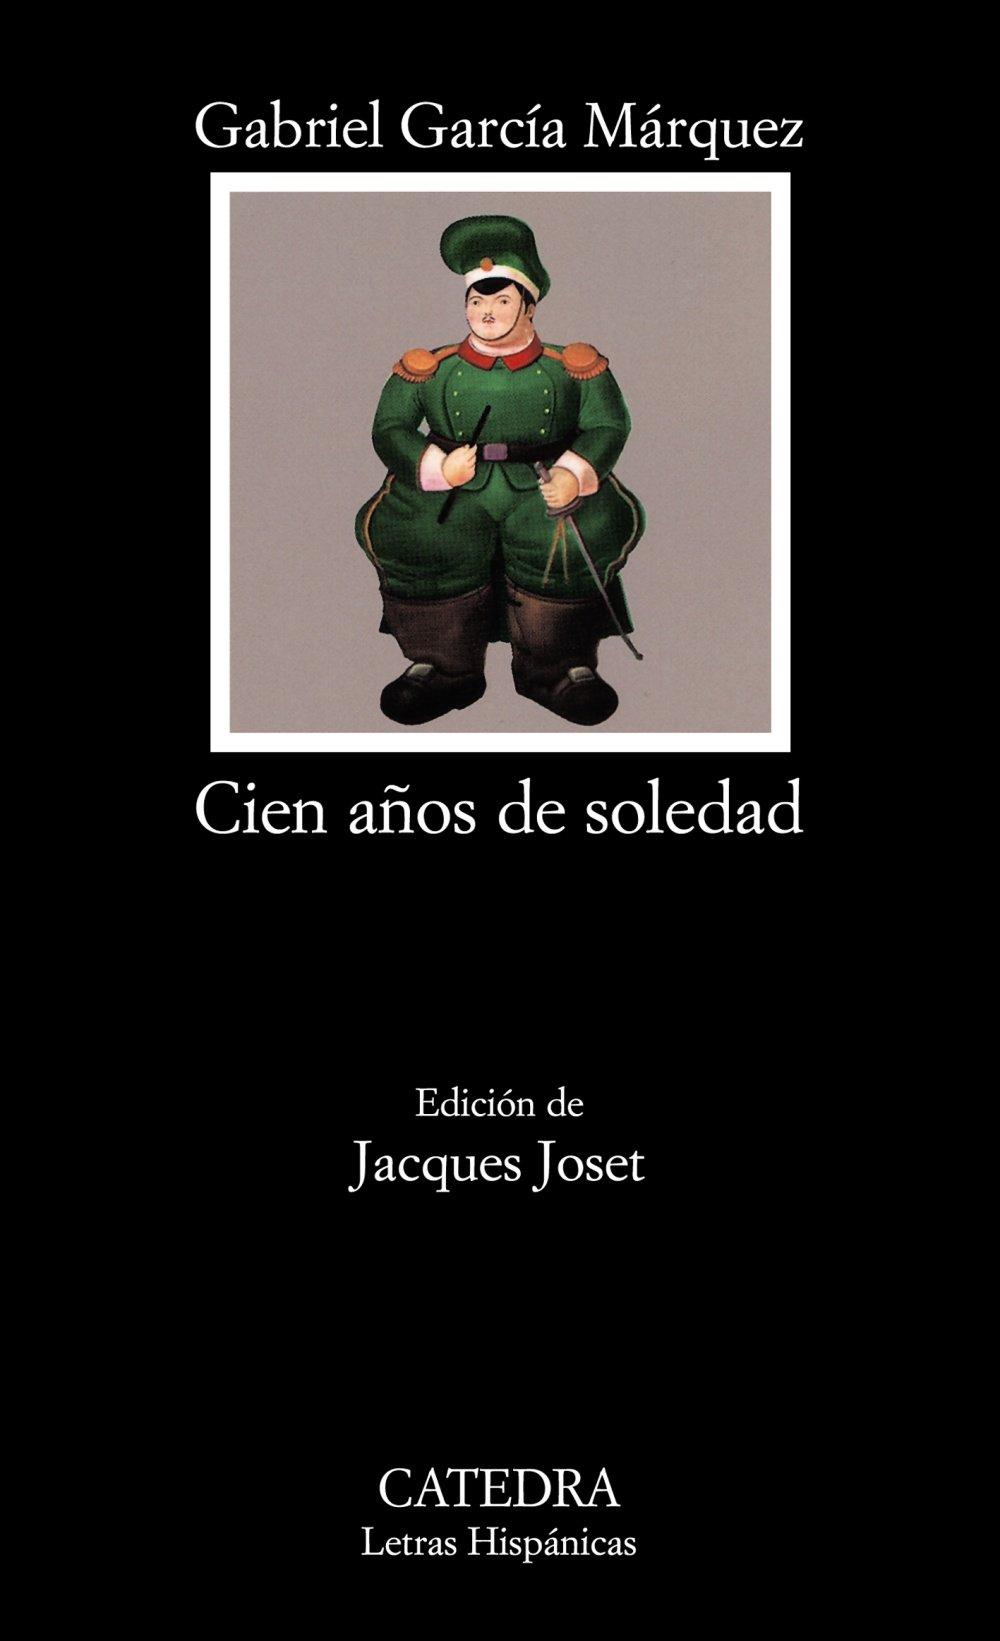 Cien años de soledad: Cien Anos De Soledad (Letras Hispánicas) Tapa blanda – 13 sep 2004 Gabriel García Márquez Cátedra 843760494X Fiction / Literary